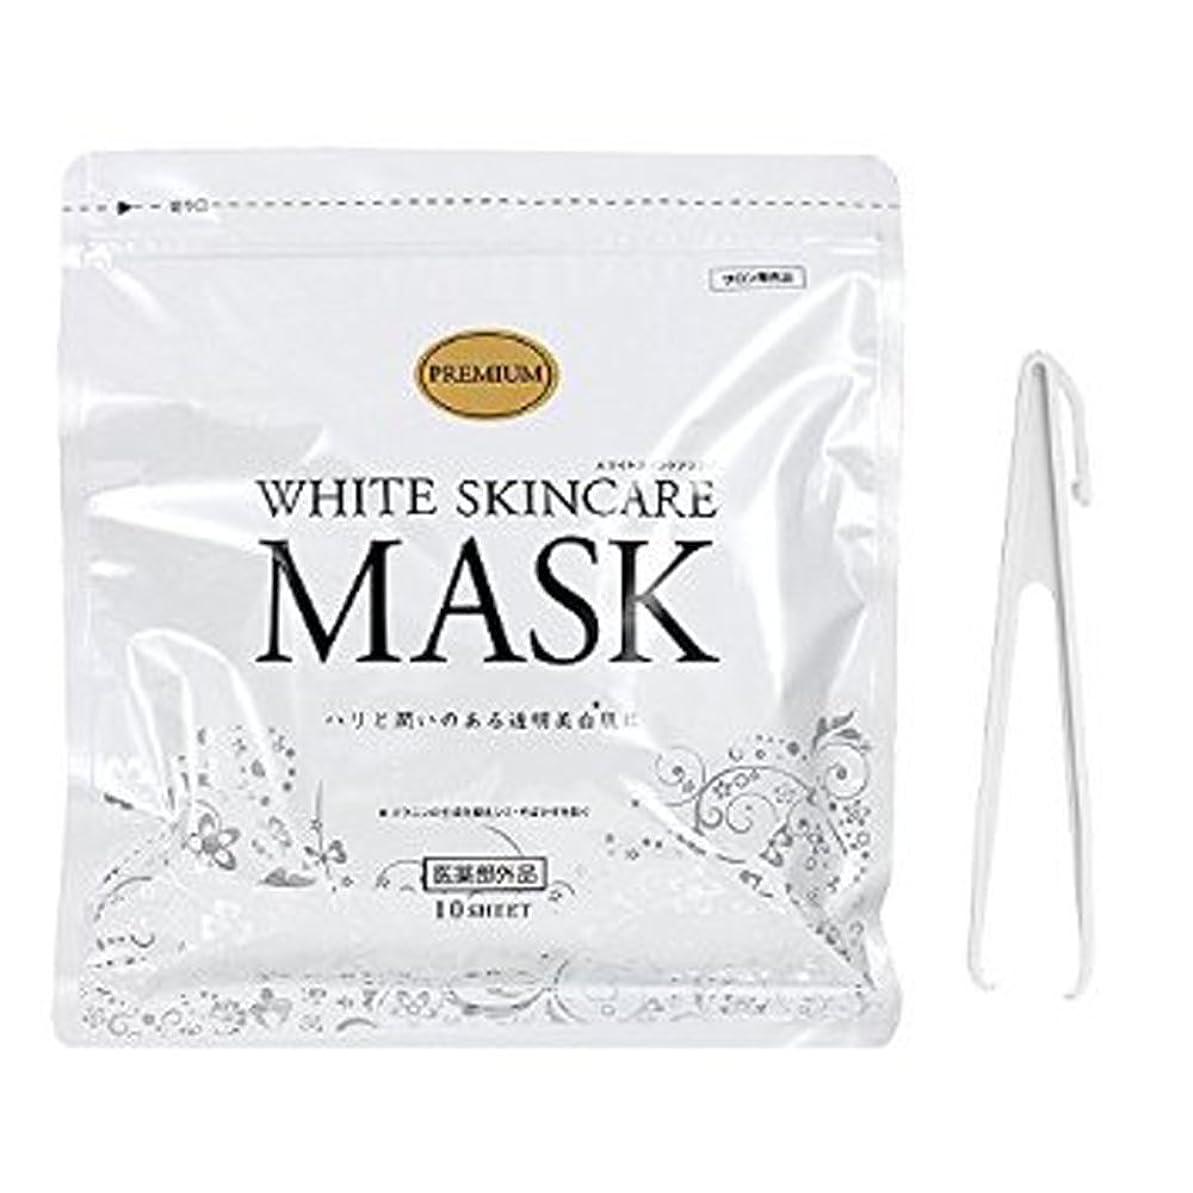 マントル効果的に噛むホワイトスキンケアマスク 10枚入